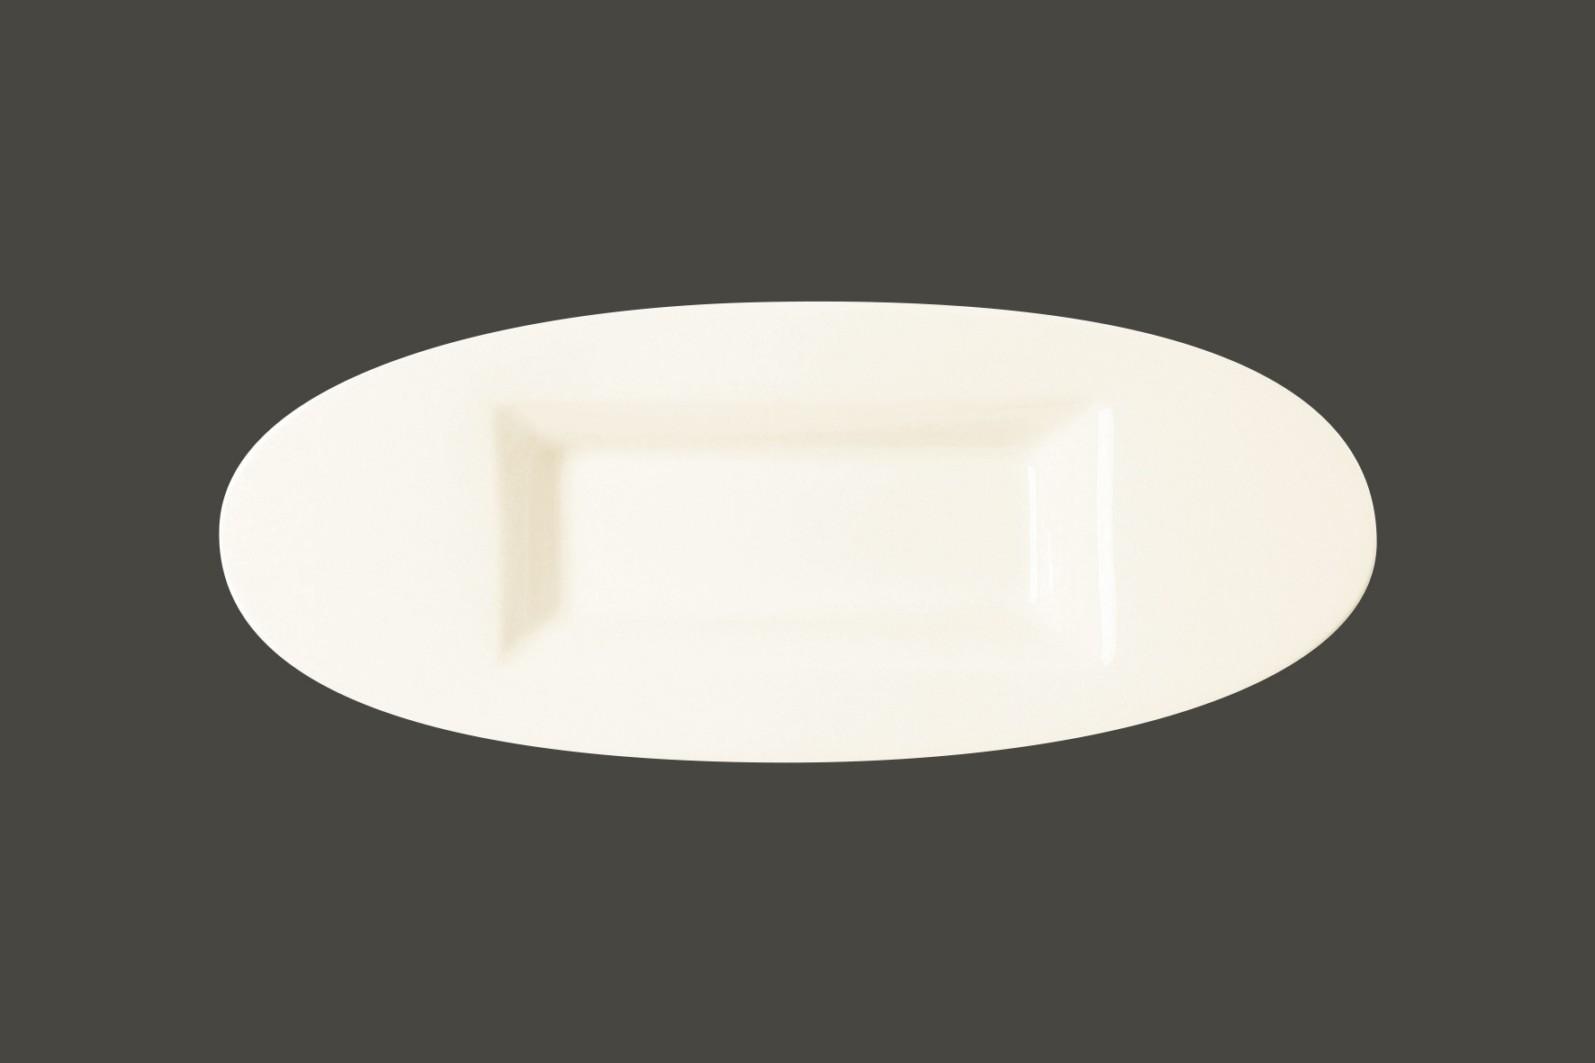 Oválný talíř - 1 Obdélný indent - Tamarind All spice